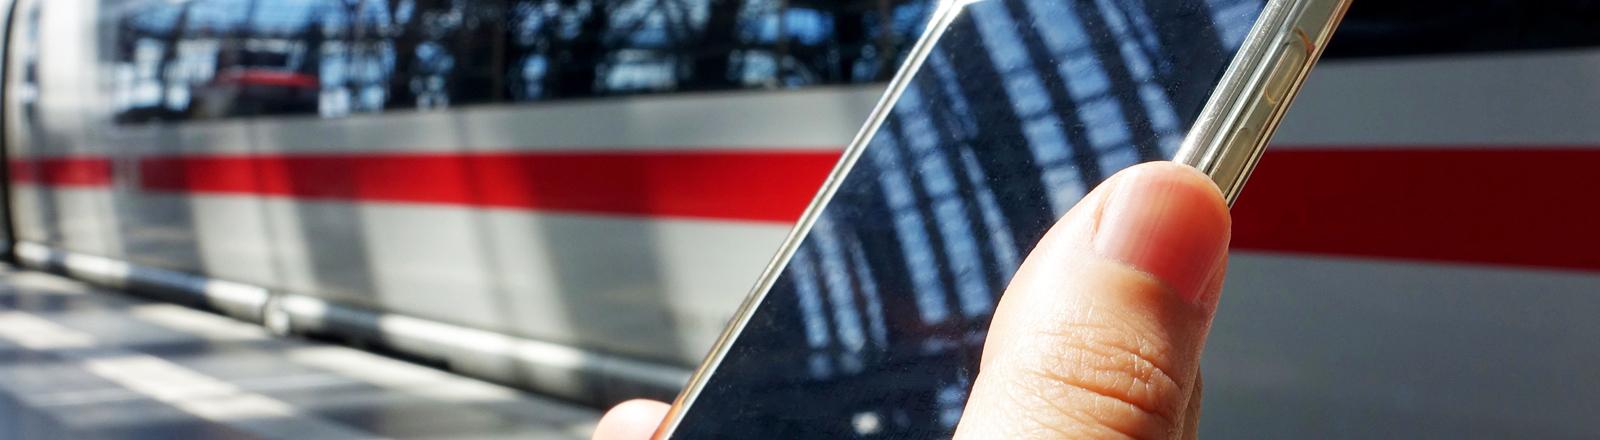 Hand mit Smartphone auf Bahngleis